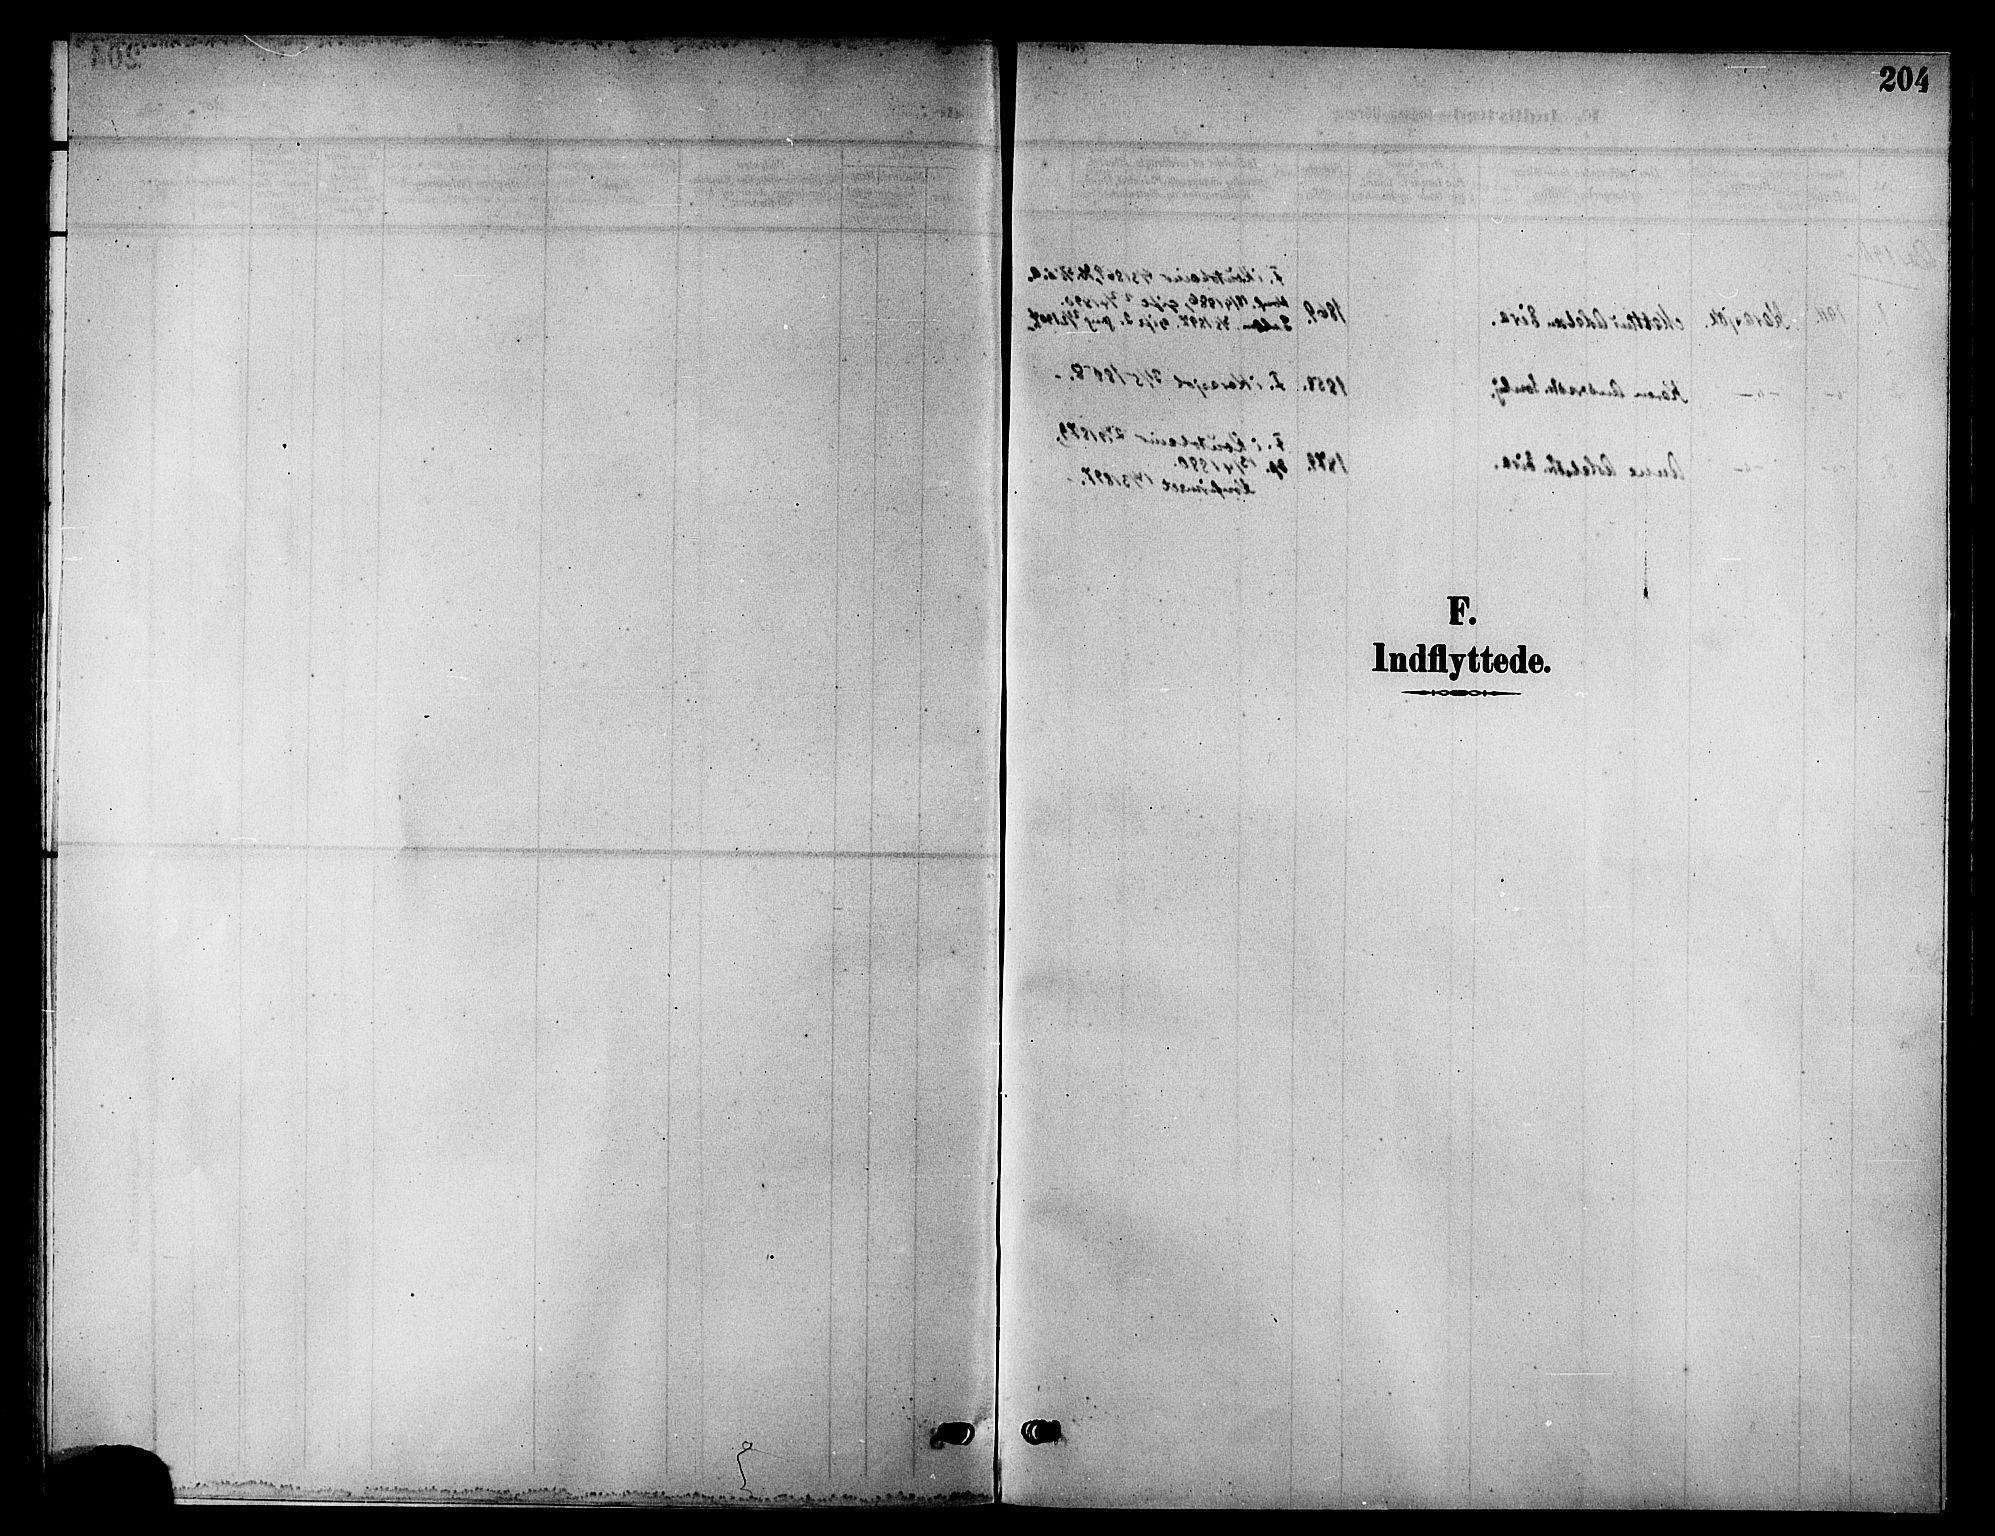 SATØ, Kistrand/Porsanger sokneprestembete, H/Hb/L0006.klokk: Klokkerbok nr. 6, 1905-1917, s. 204